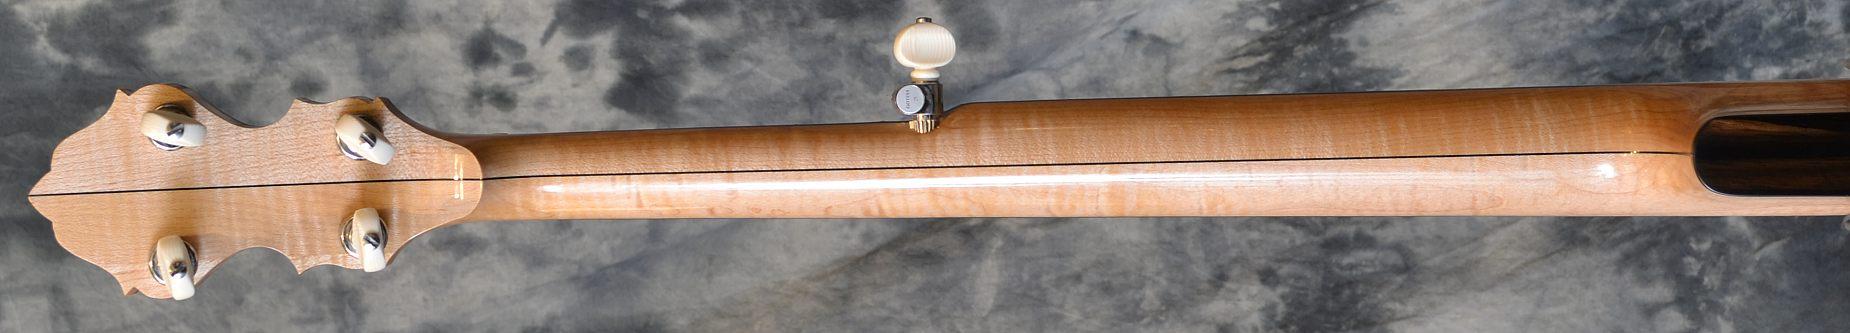 Wildwood Minstrel Open Back Banjo Rear Neck View